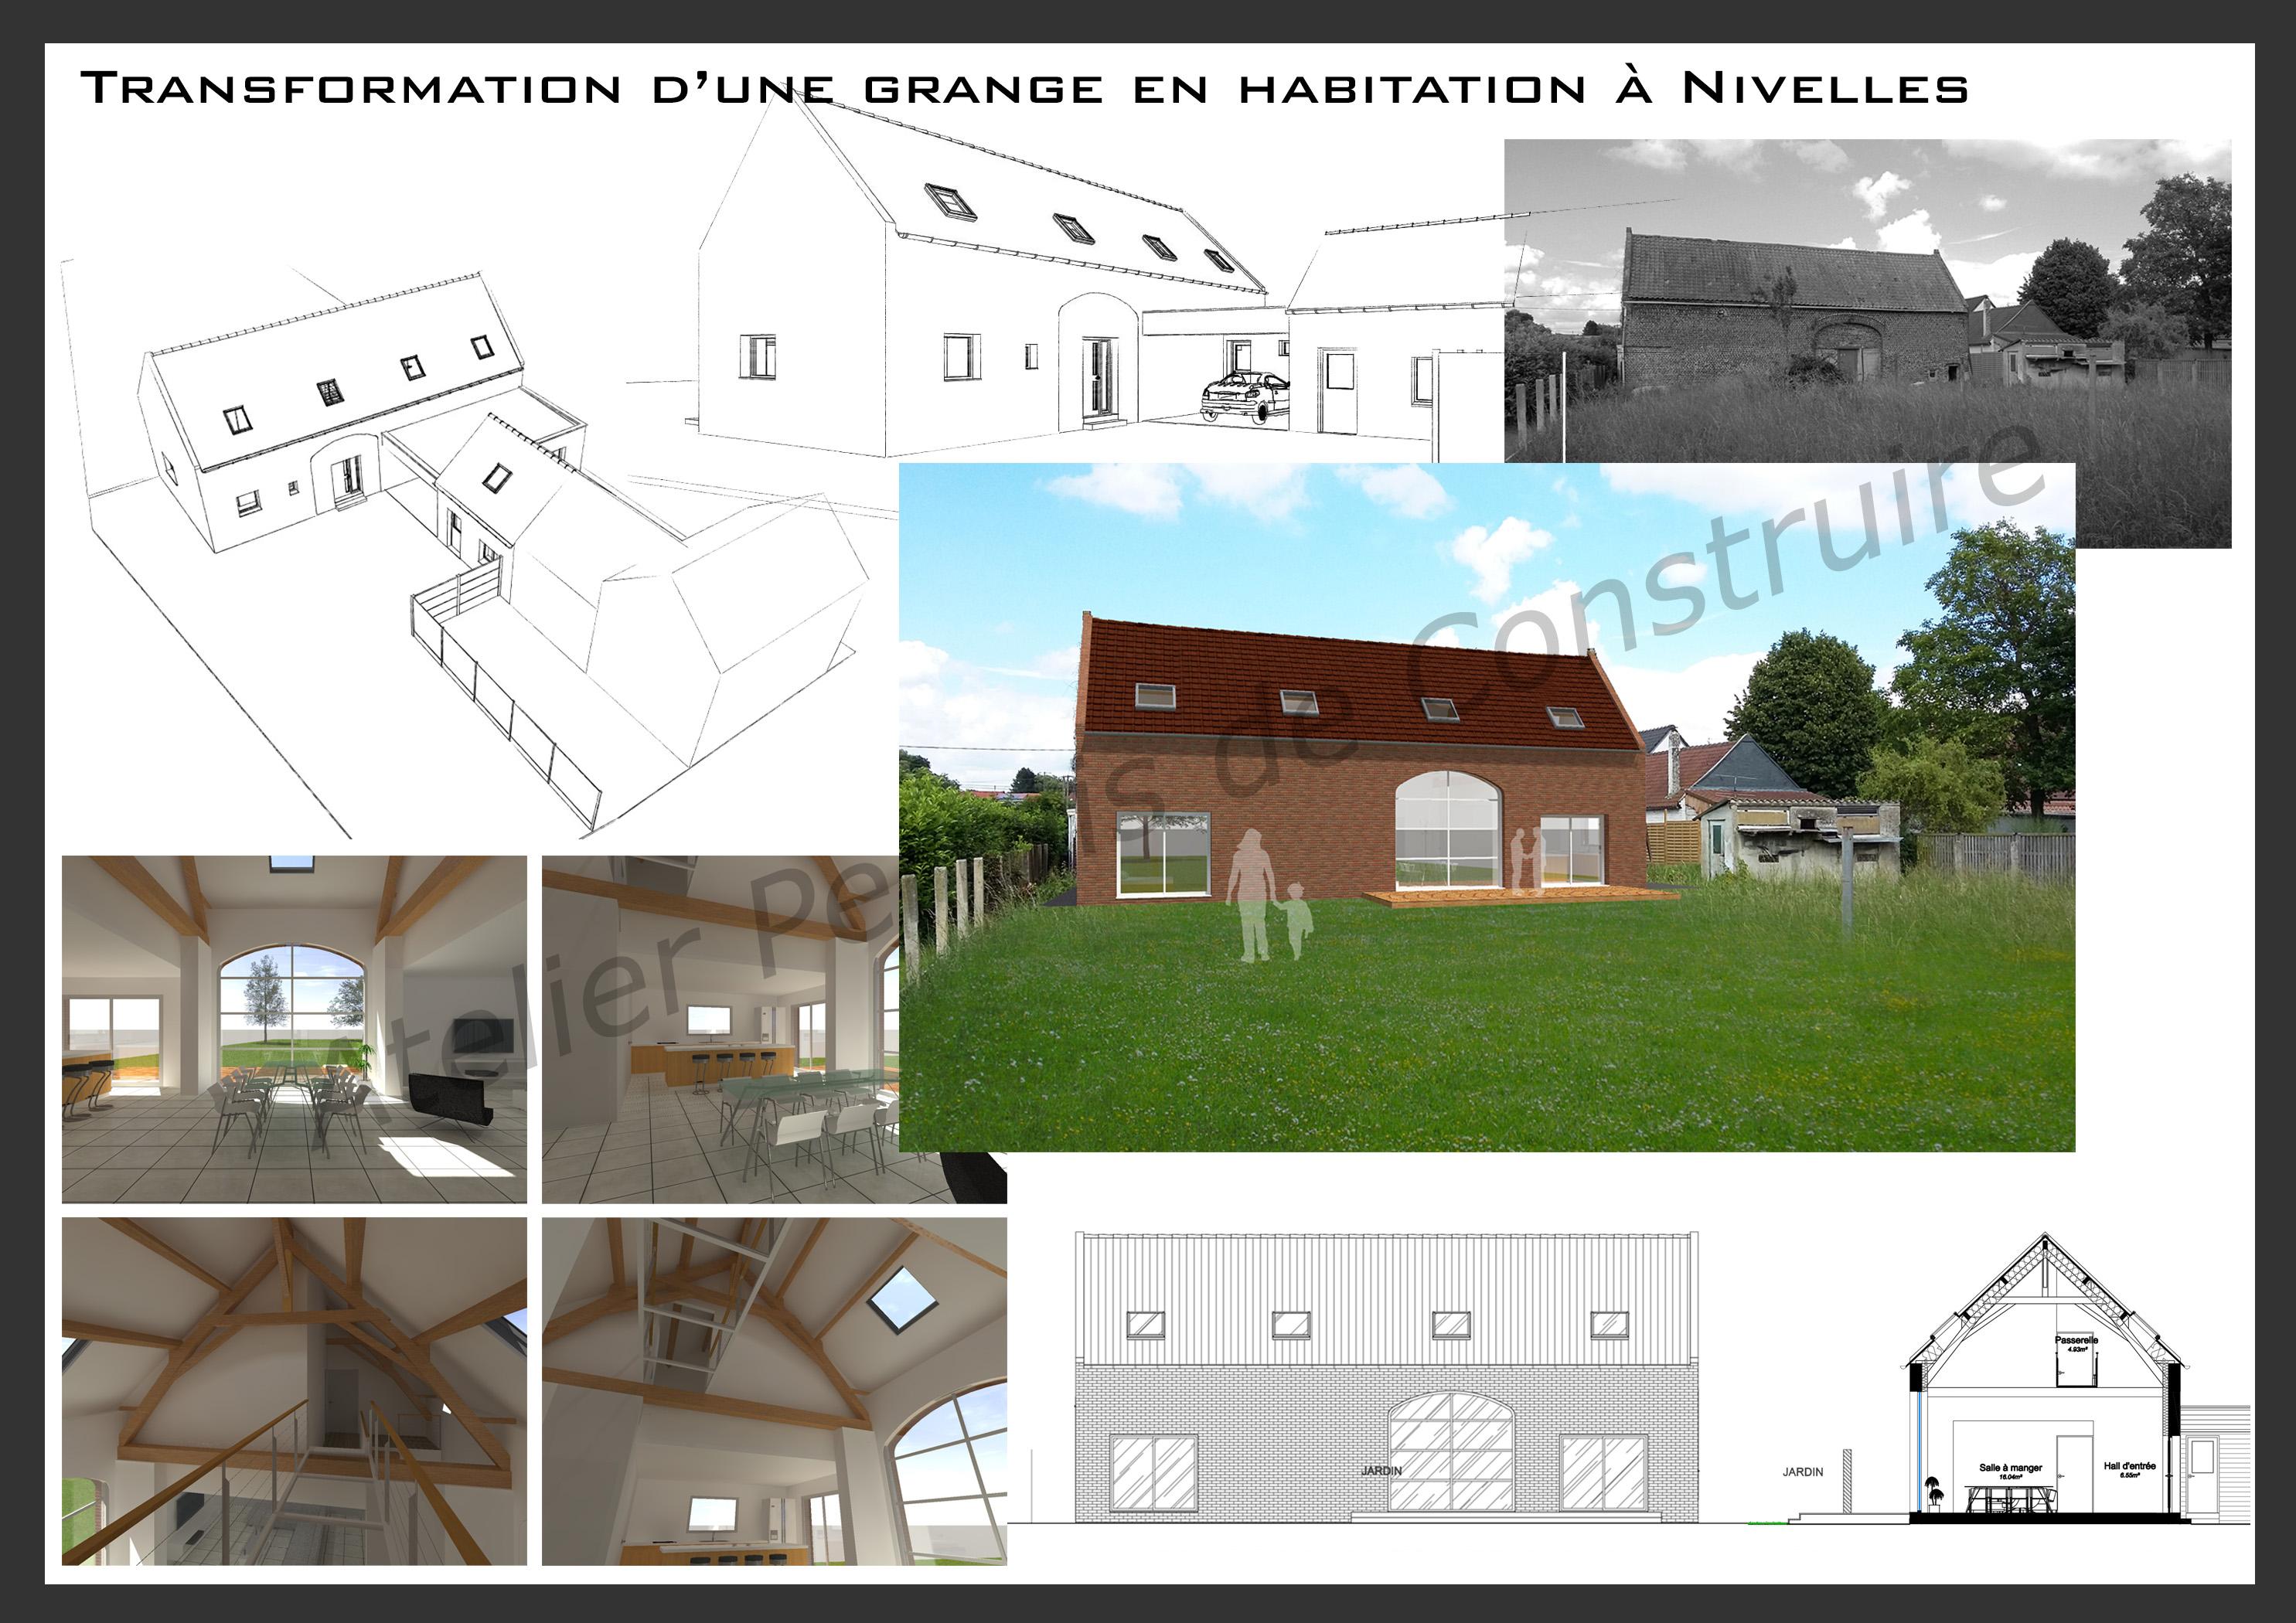 16-31-atelier-permis-de-construire-plans-grange0